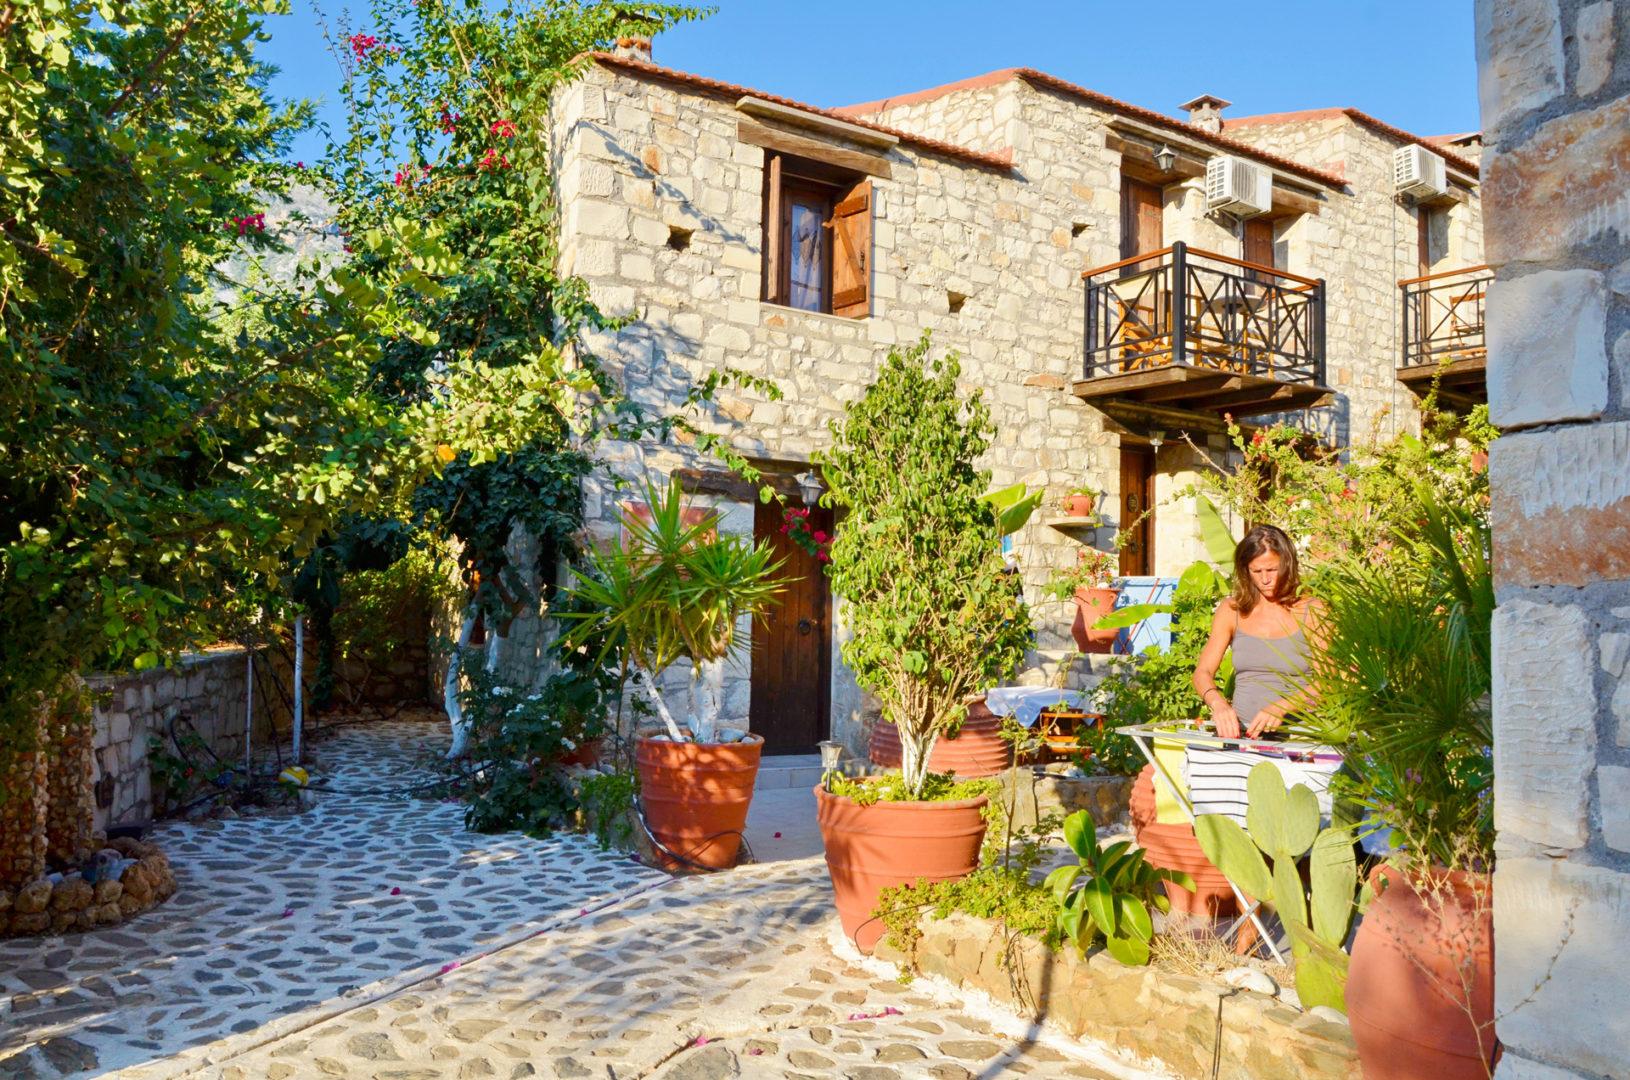 Hotel in Bali Crete - Stone Village - Village 5